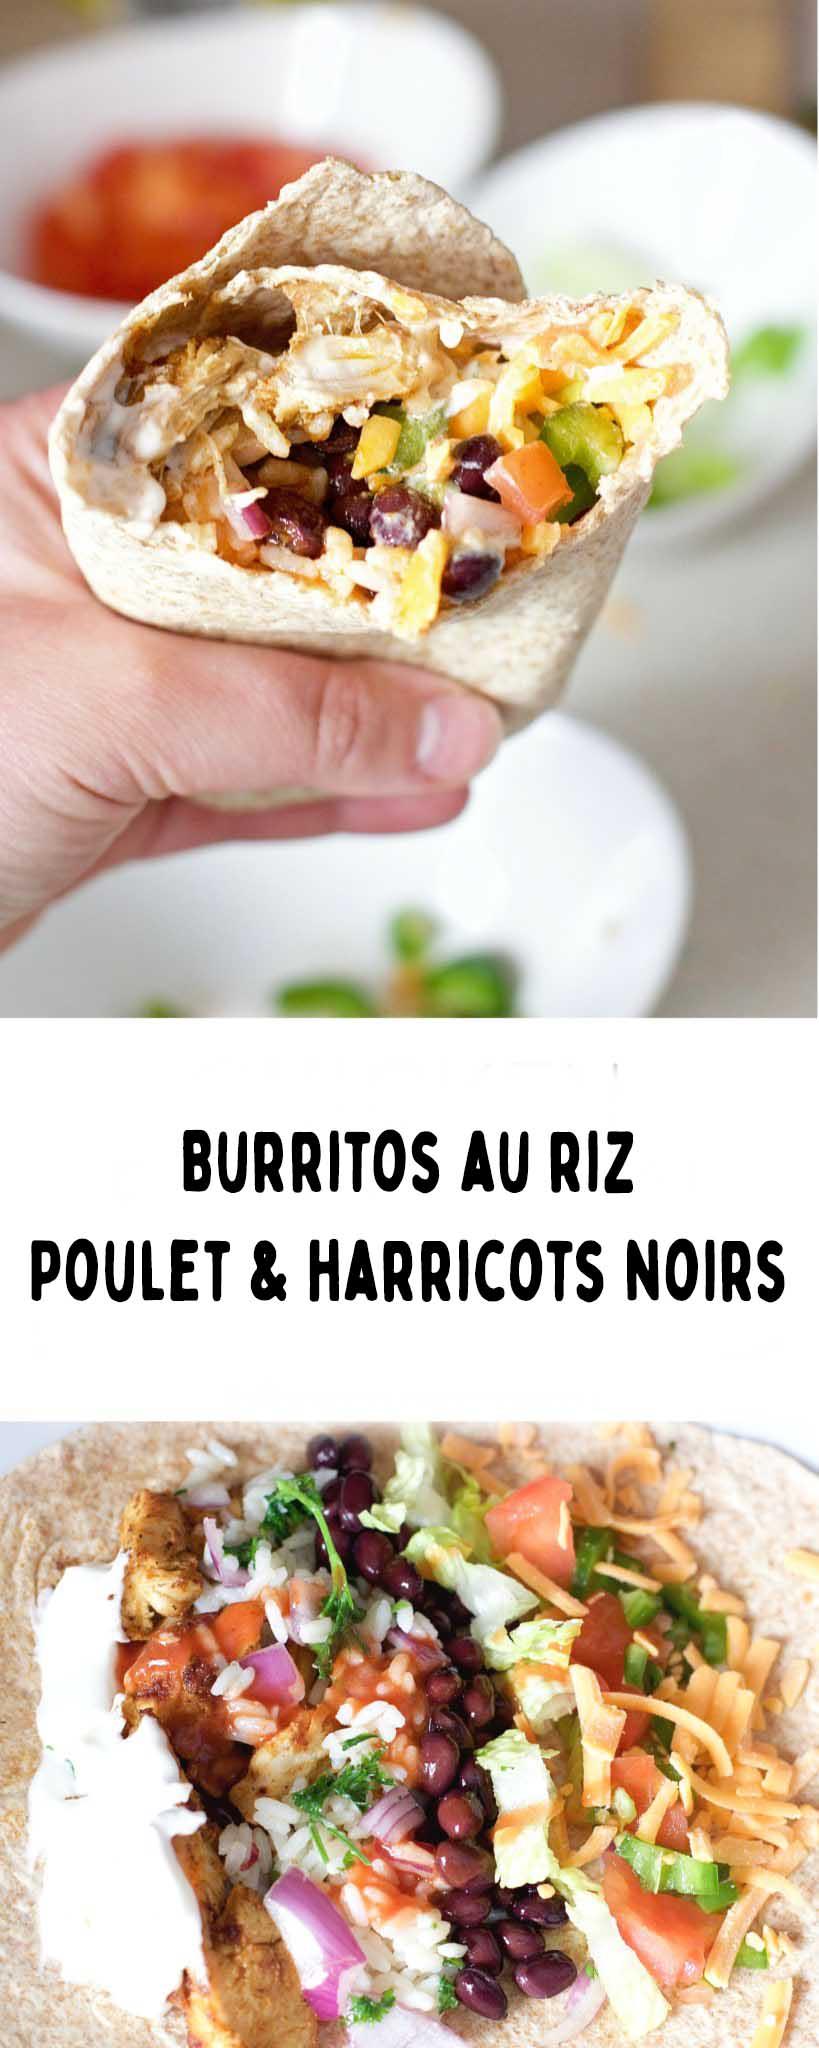 burrito harricots noir poulet